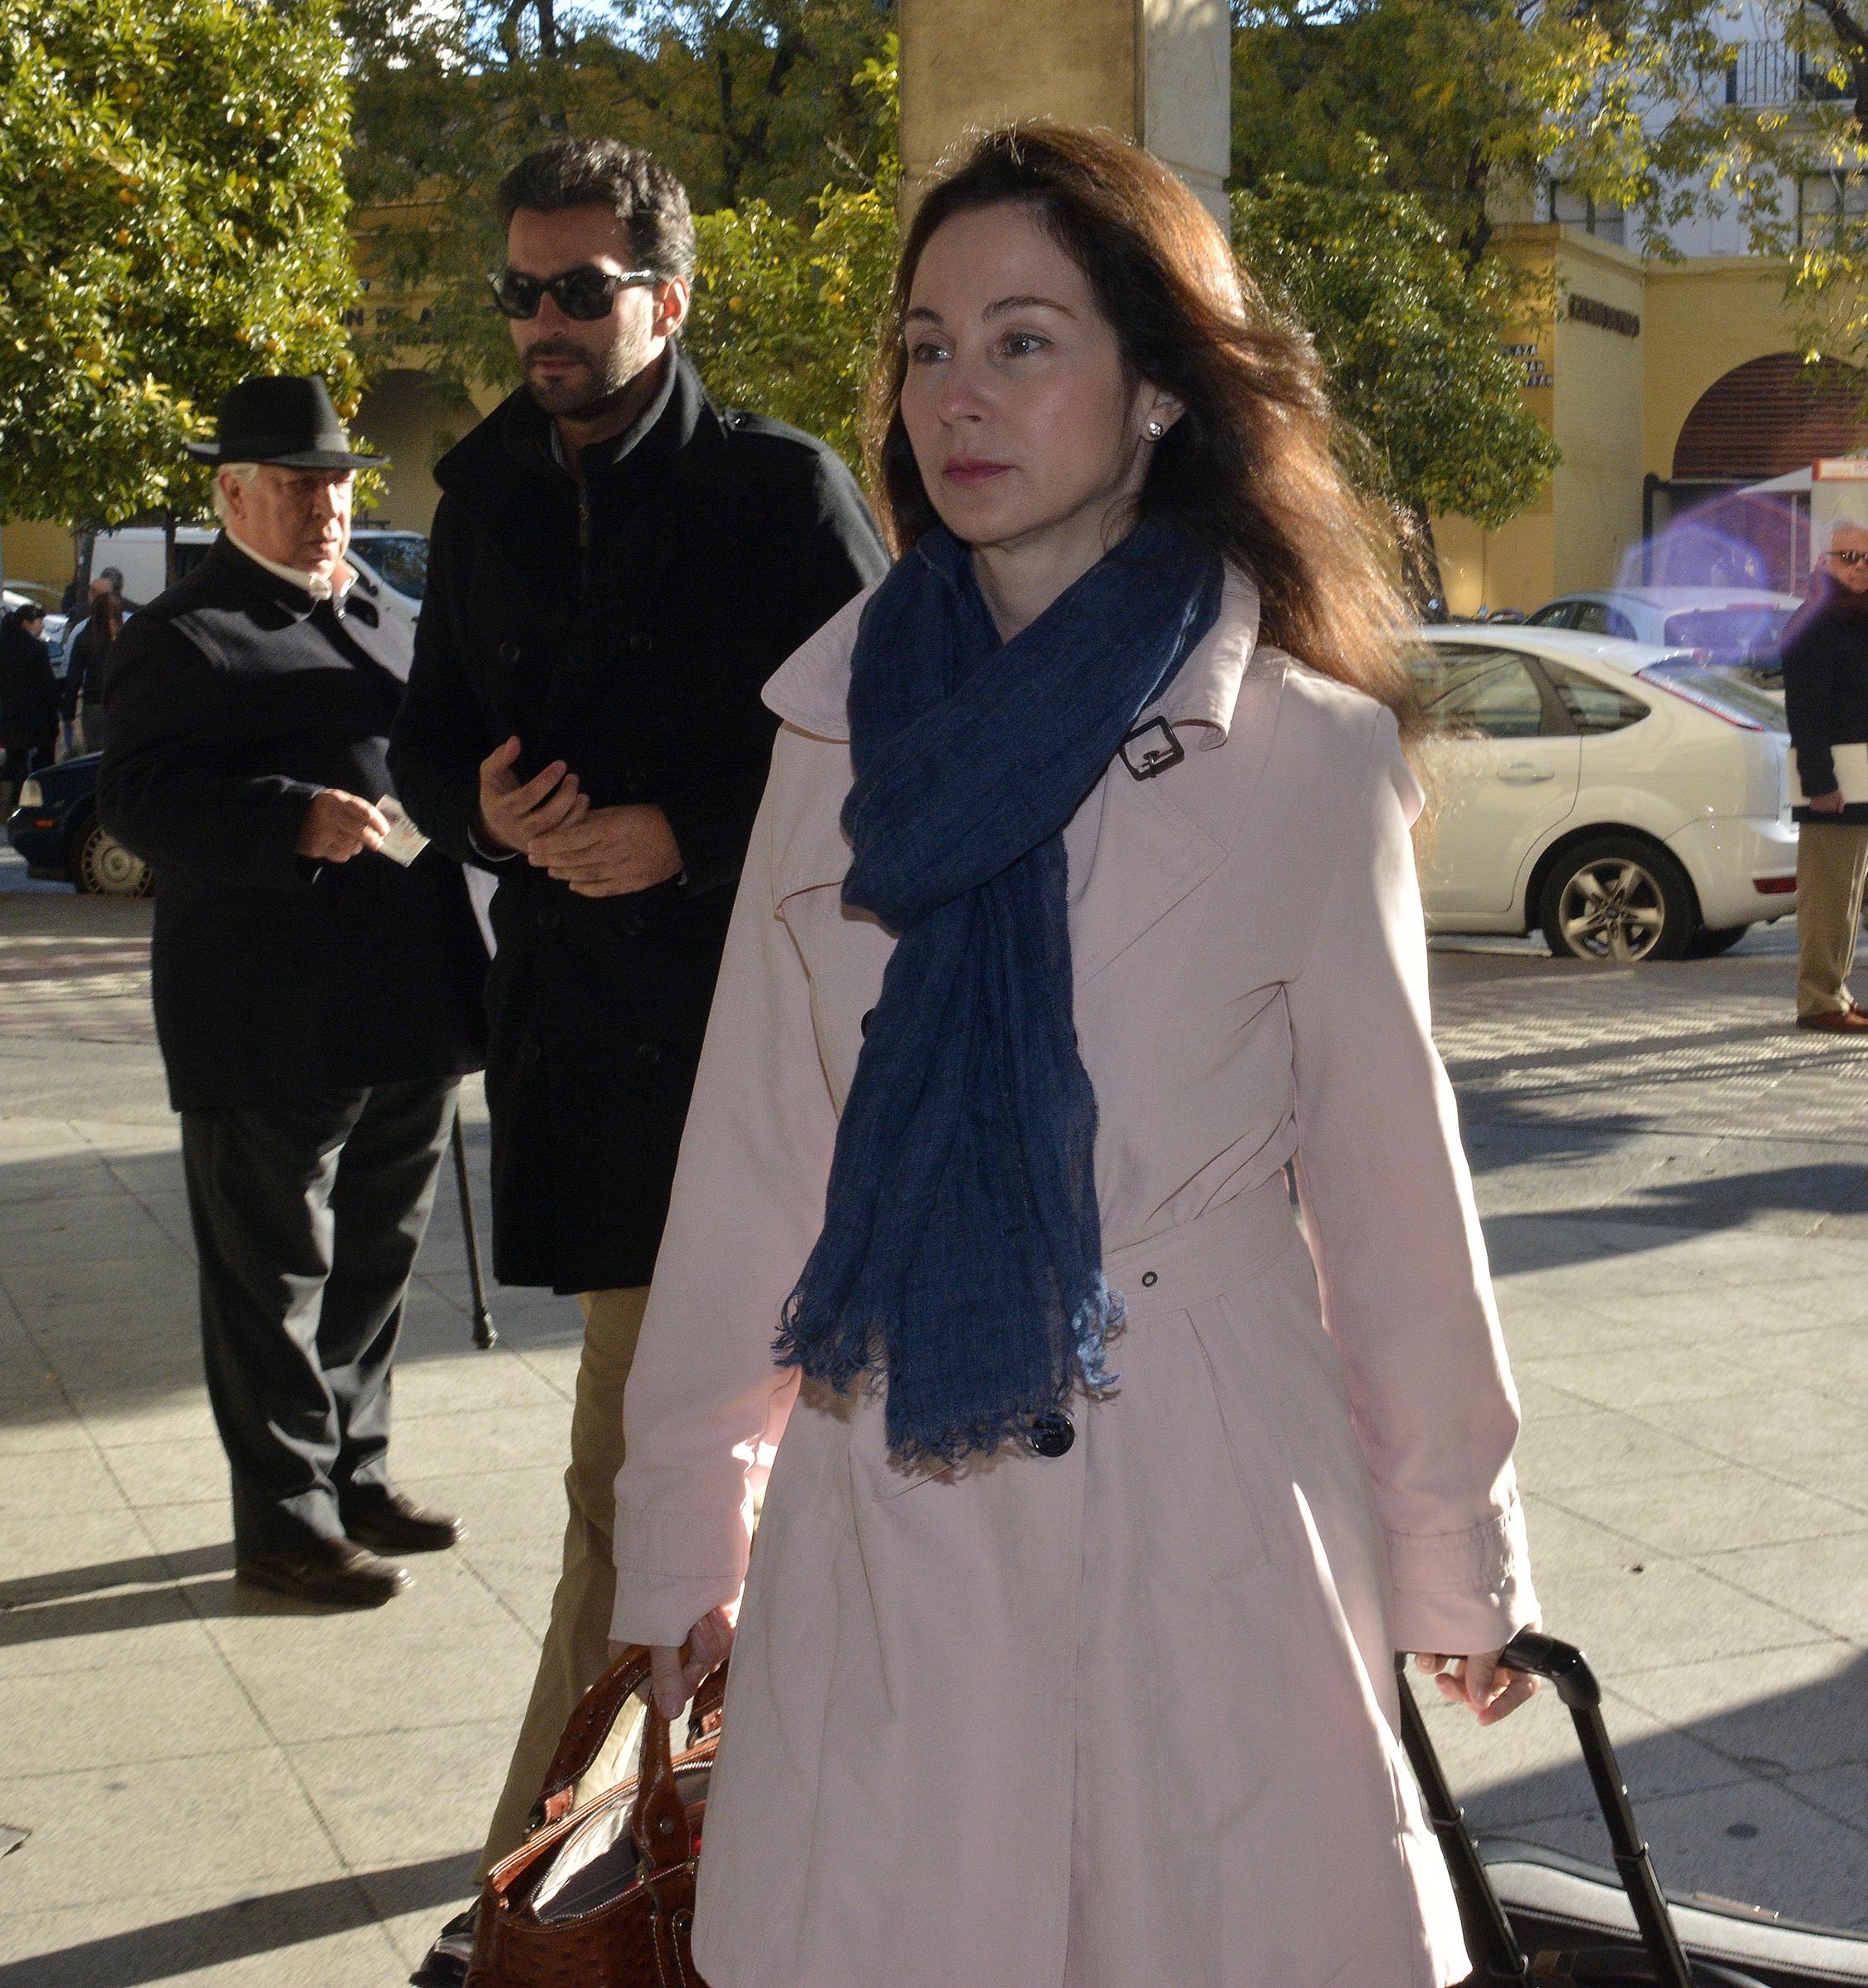 La juez Alaya llega a los juzgados de SEvilla